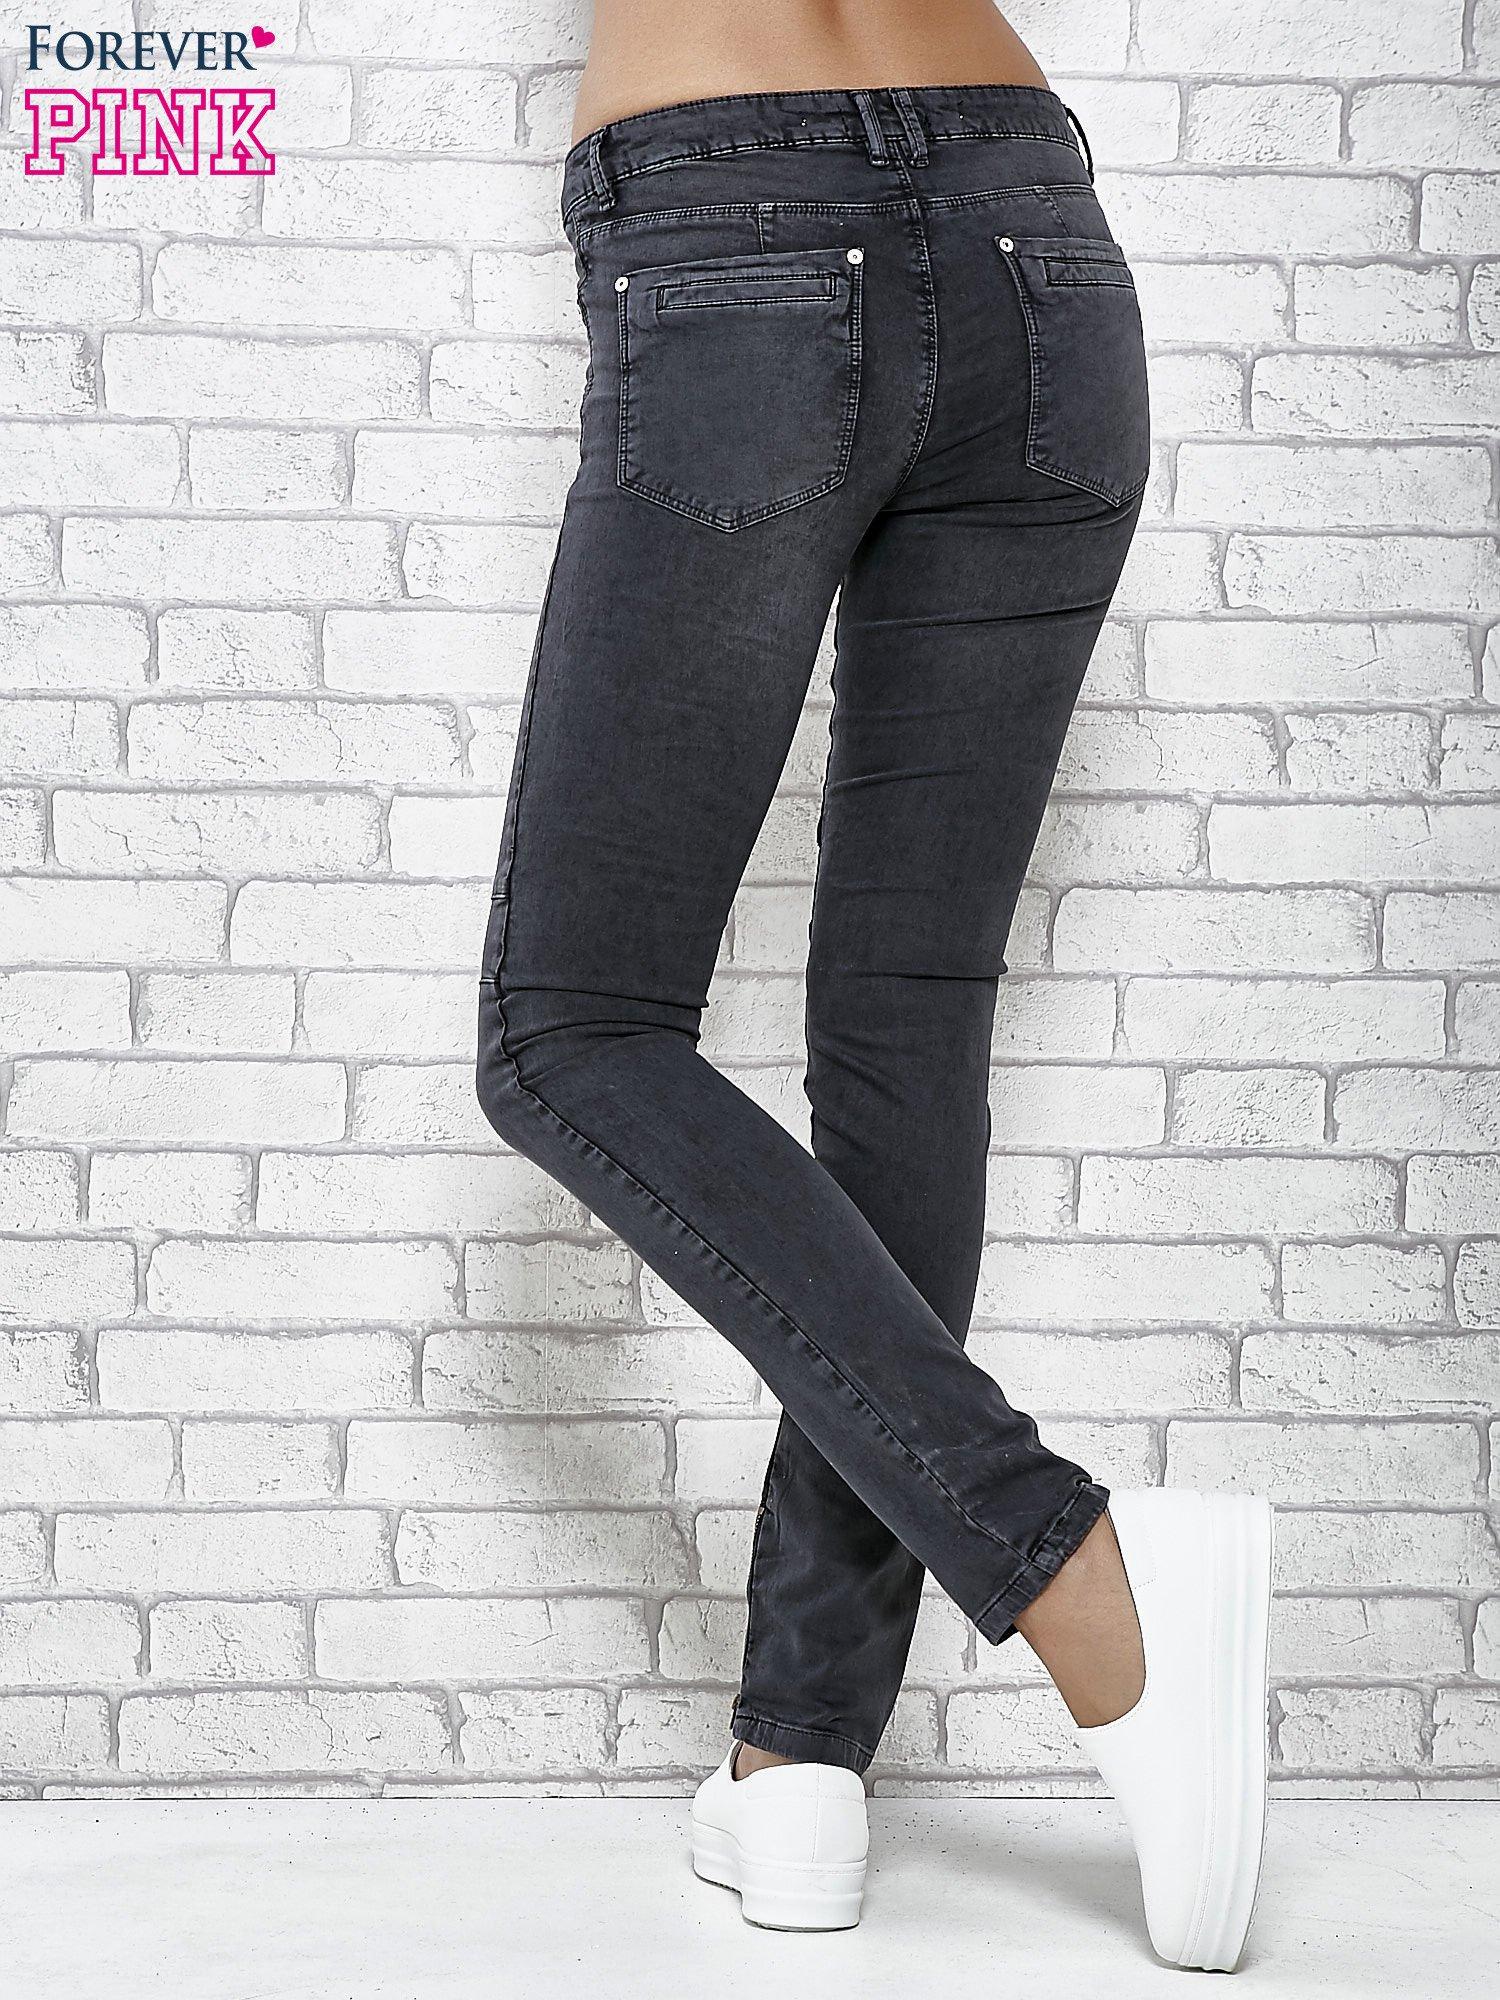 Ciemnoniebieskie skinny jeans z przeszyciami i suwakami                                  zdj.                                  3